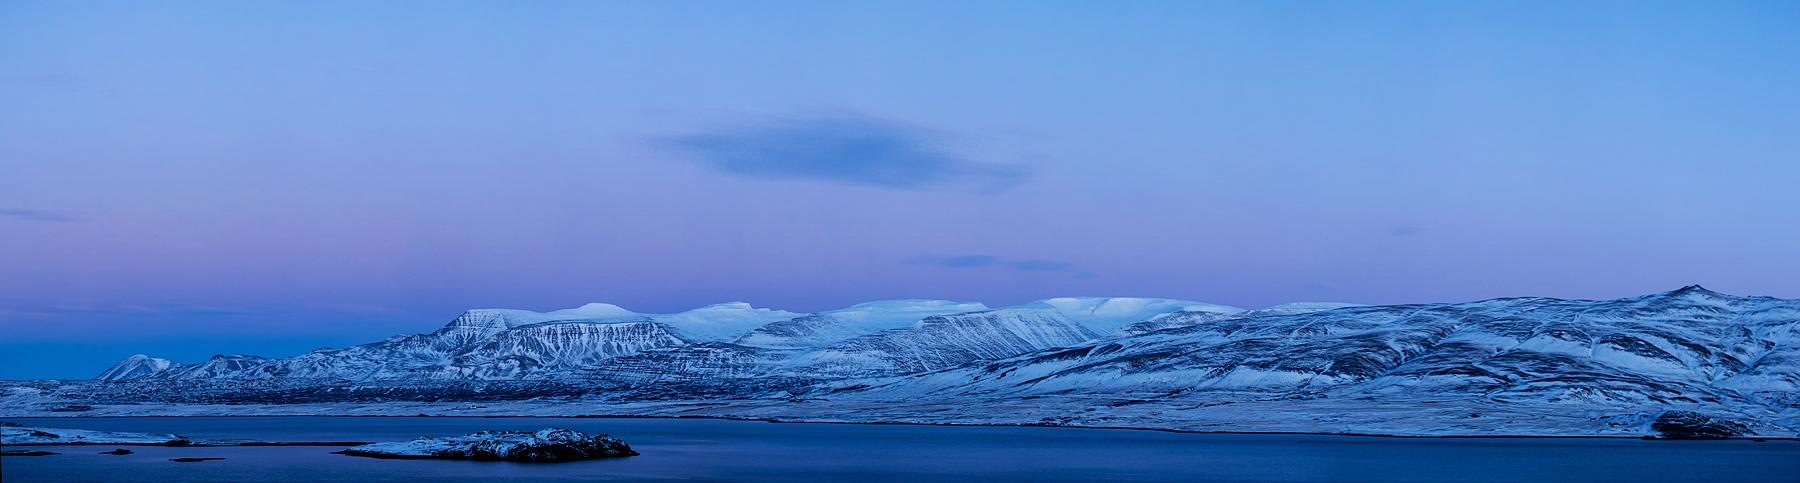 Walfjord_Sonnenaufgang_1800px